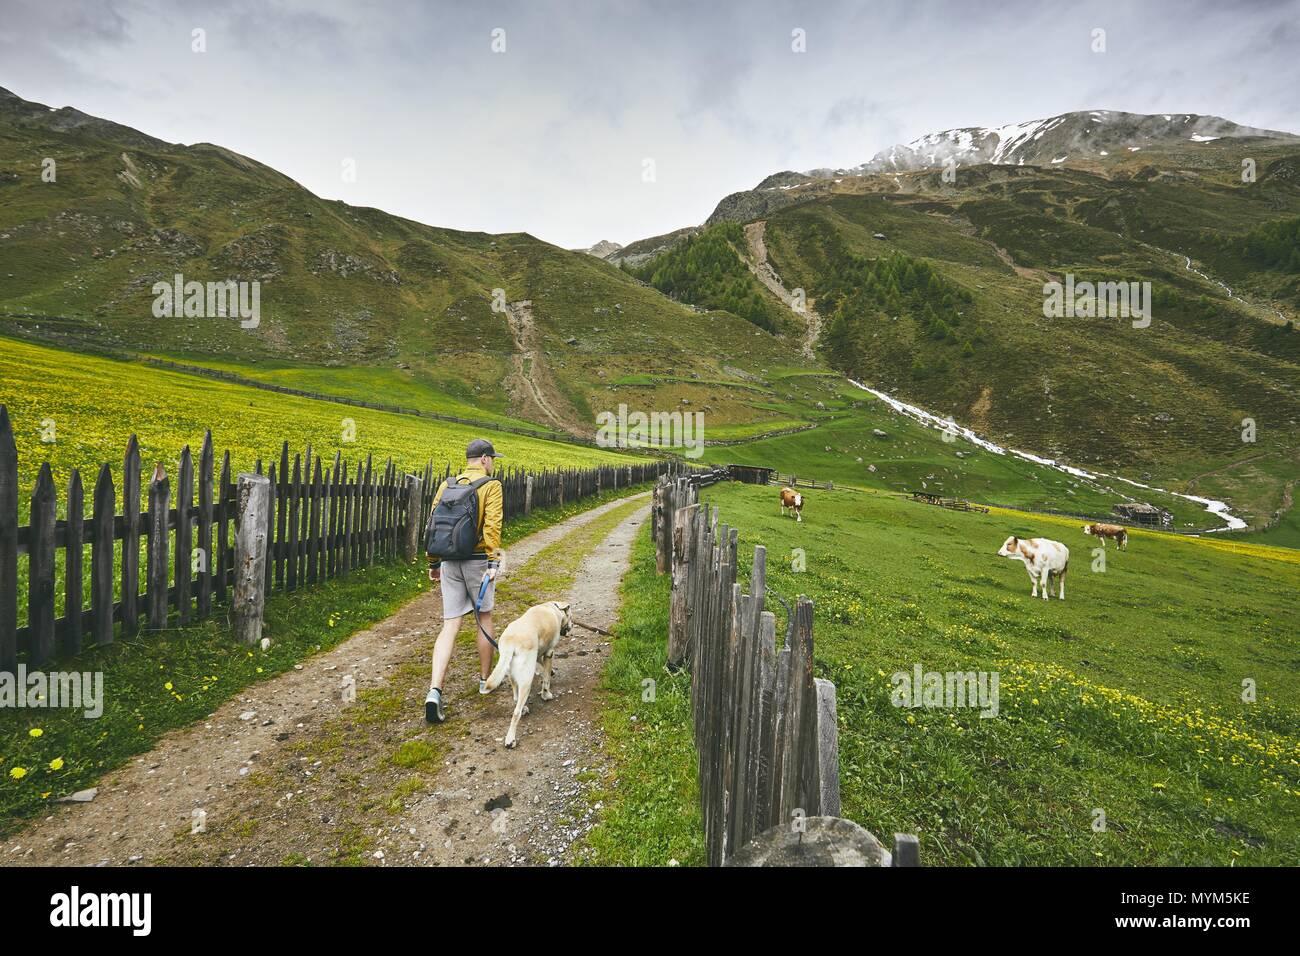 Turista con perro en campo. Joven caminando con el labrador retriever en camino de tierra. El Tirol del Sur, Italia Foto de stock